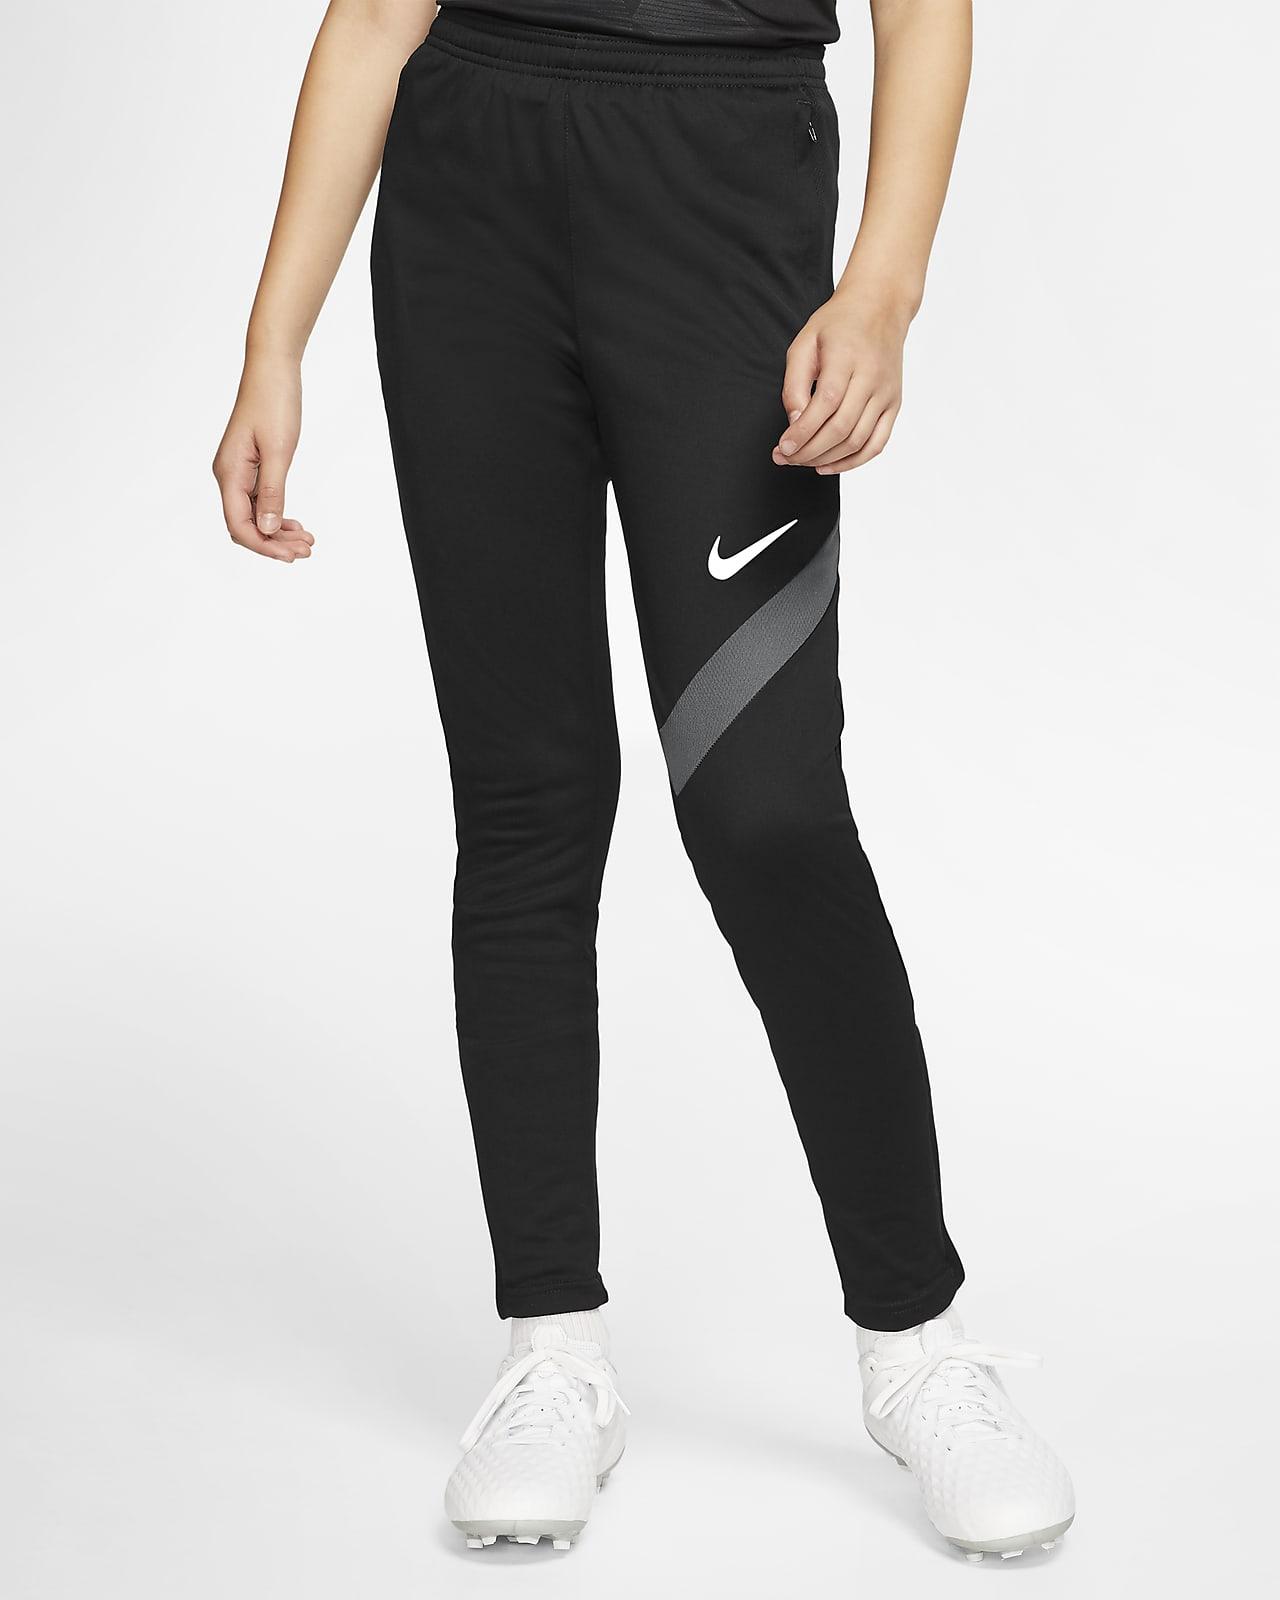 Nike Dri-FIT Academy Pro-fodboldbukser til store børn